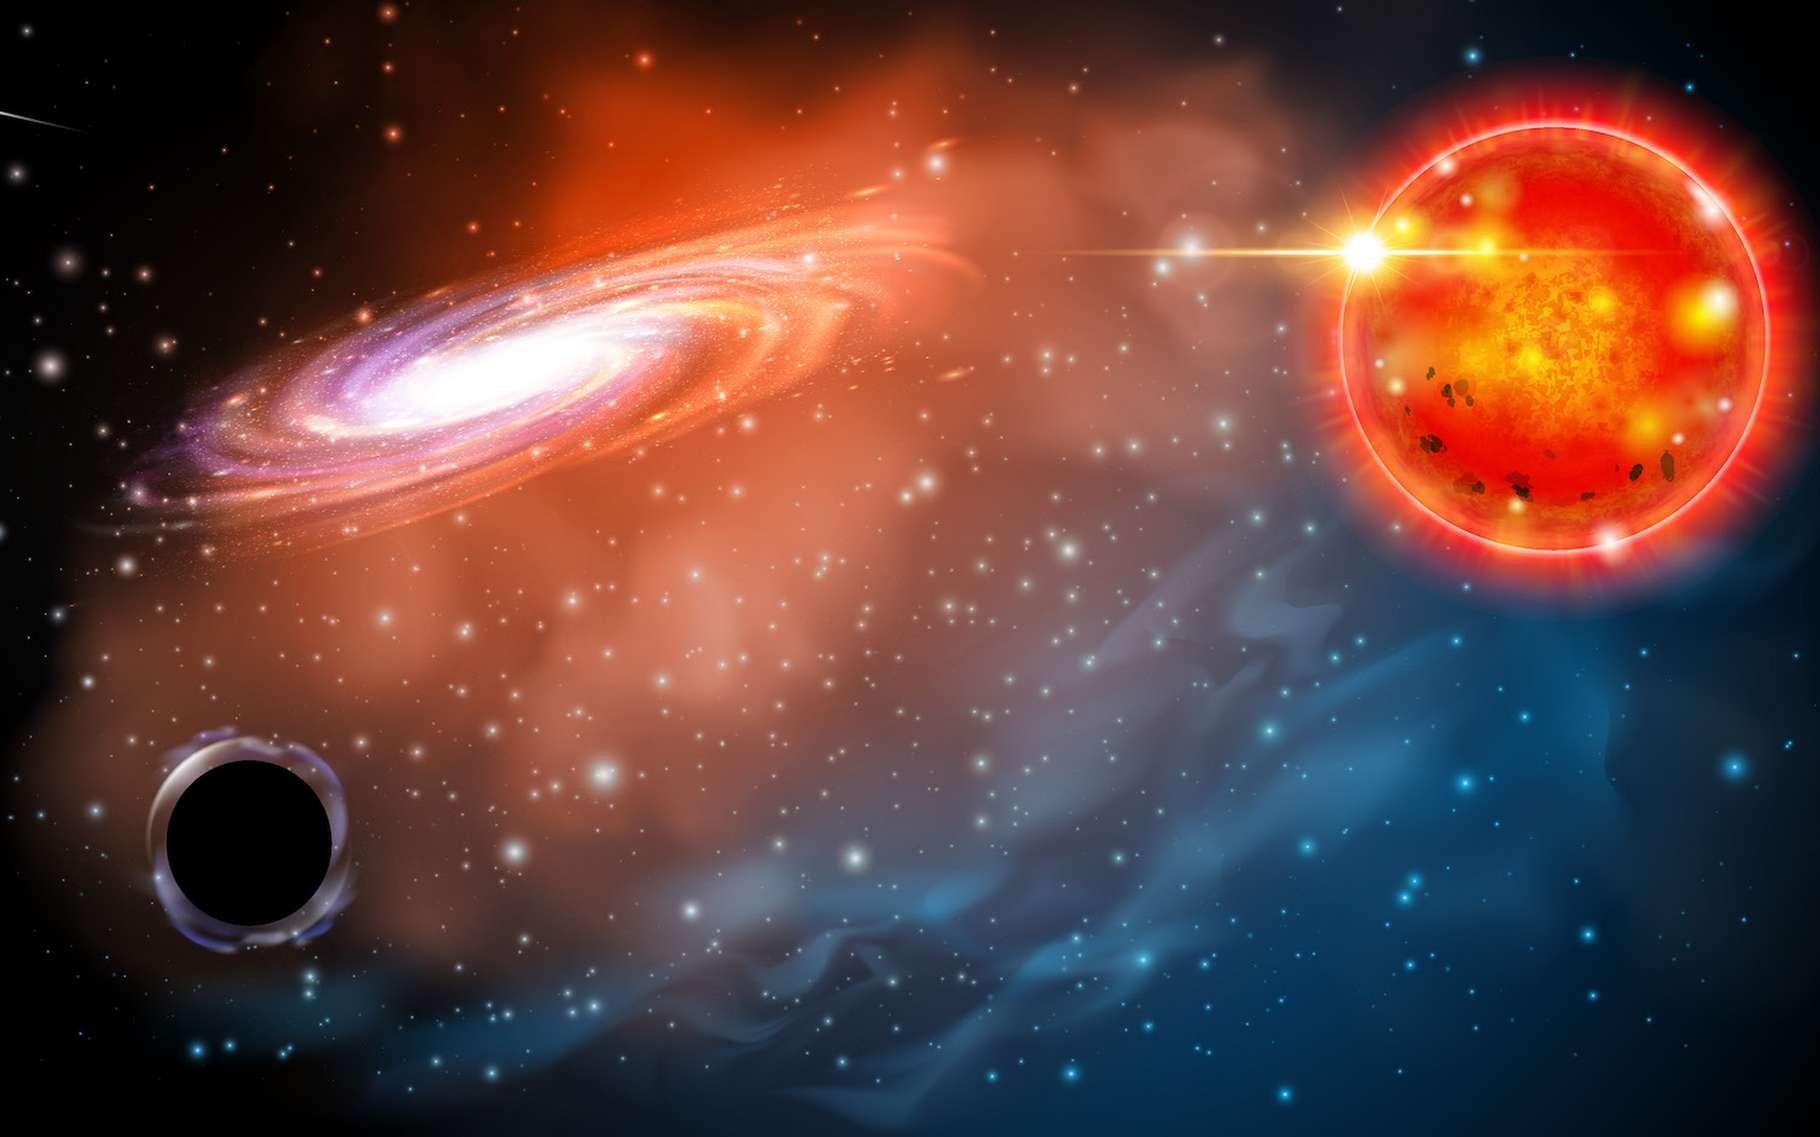 Ici, une vue d'artiste d'un petit trou noir en orbite autour d'une étoile géante rouge. Comme celui identifié par des astronomes de l'université d'État de l'Ohio (États-Unis). Un trou noir de « seulement » trois masses solaires, à quelque 1.500 années-lumière de notre Terre. © Université d'État de l'Ohio